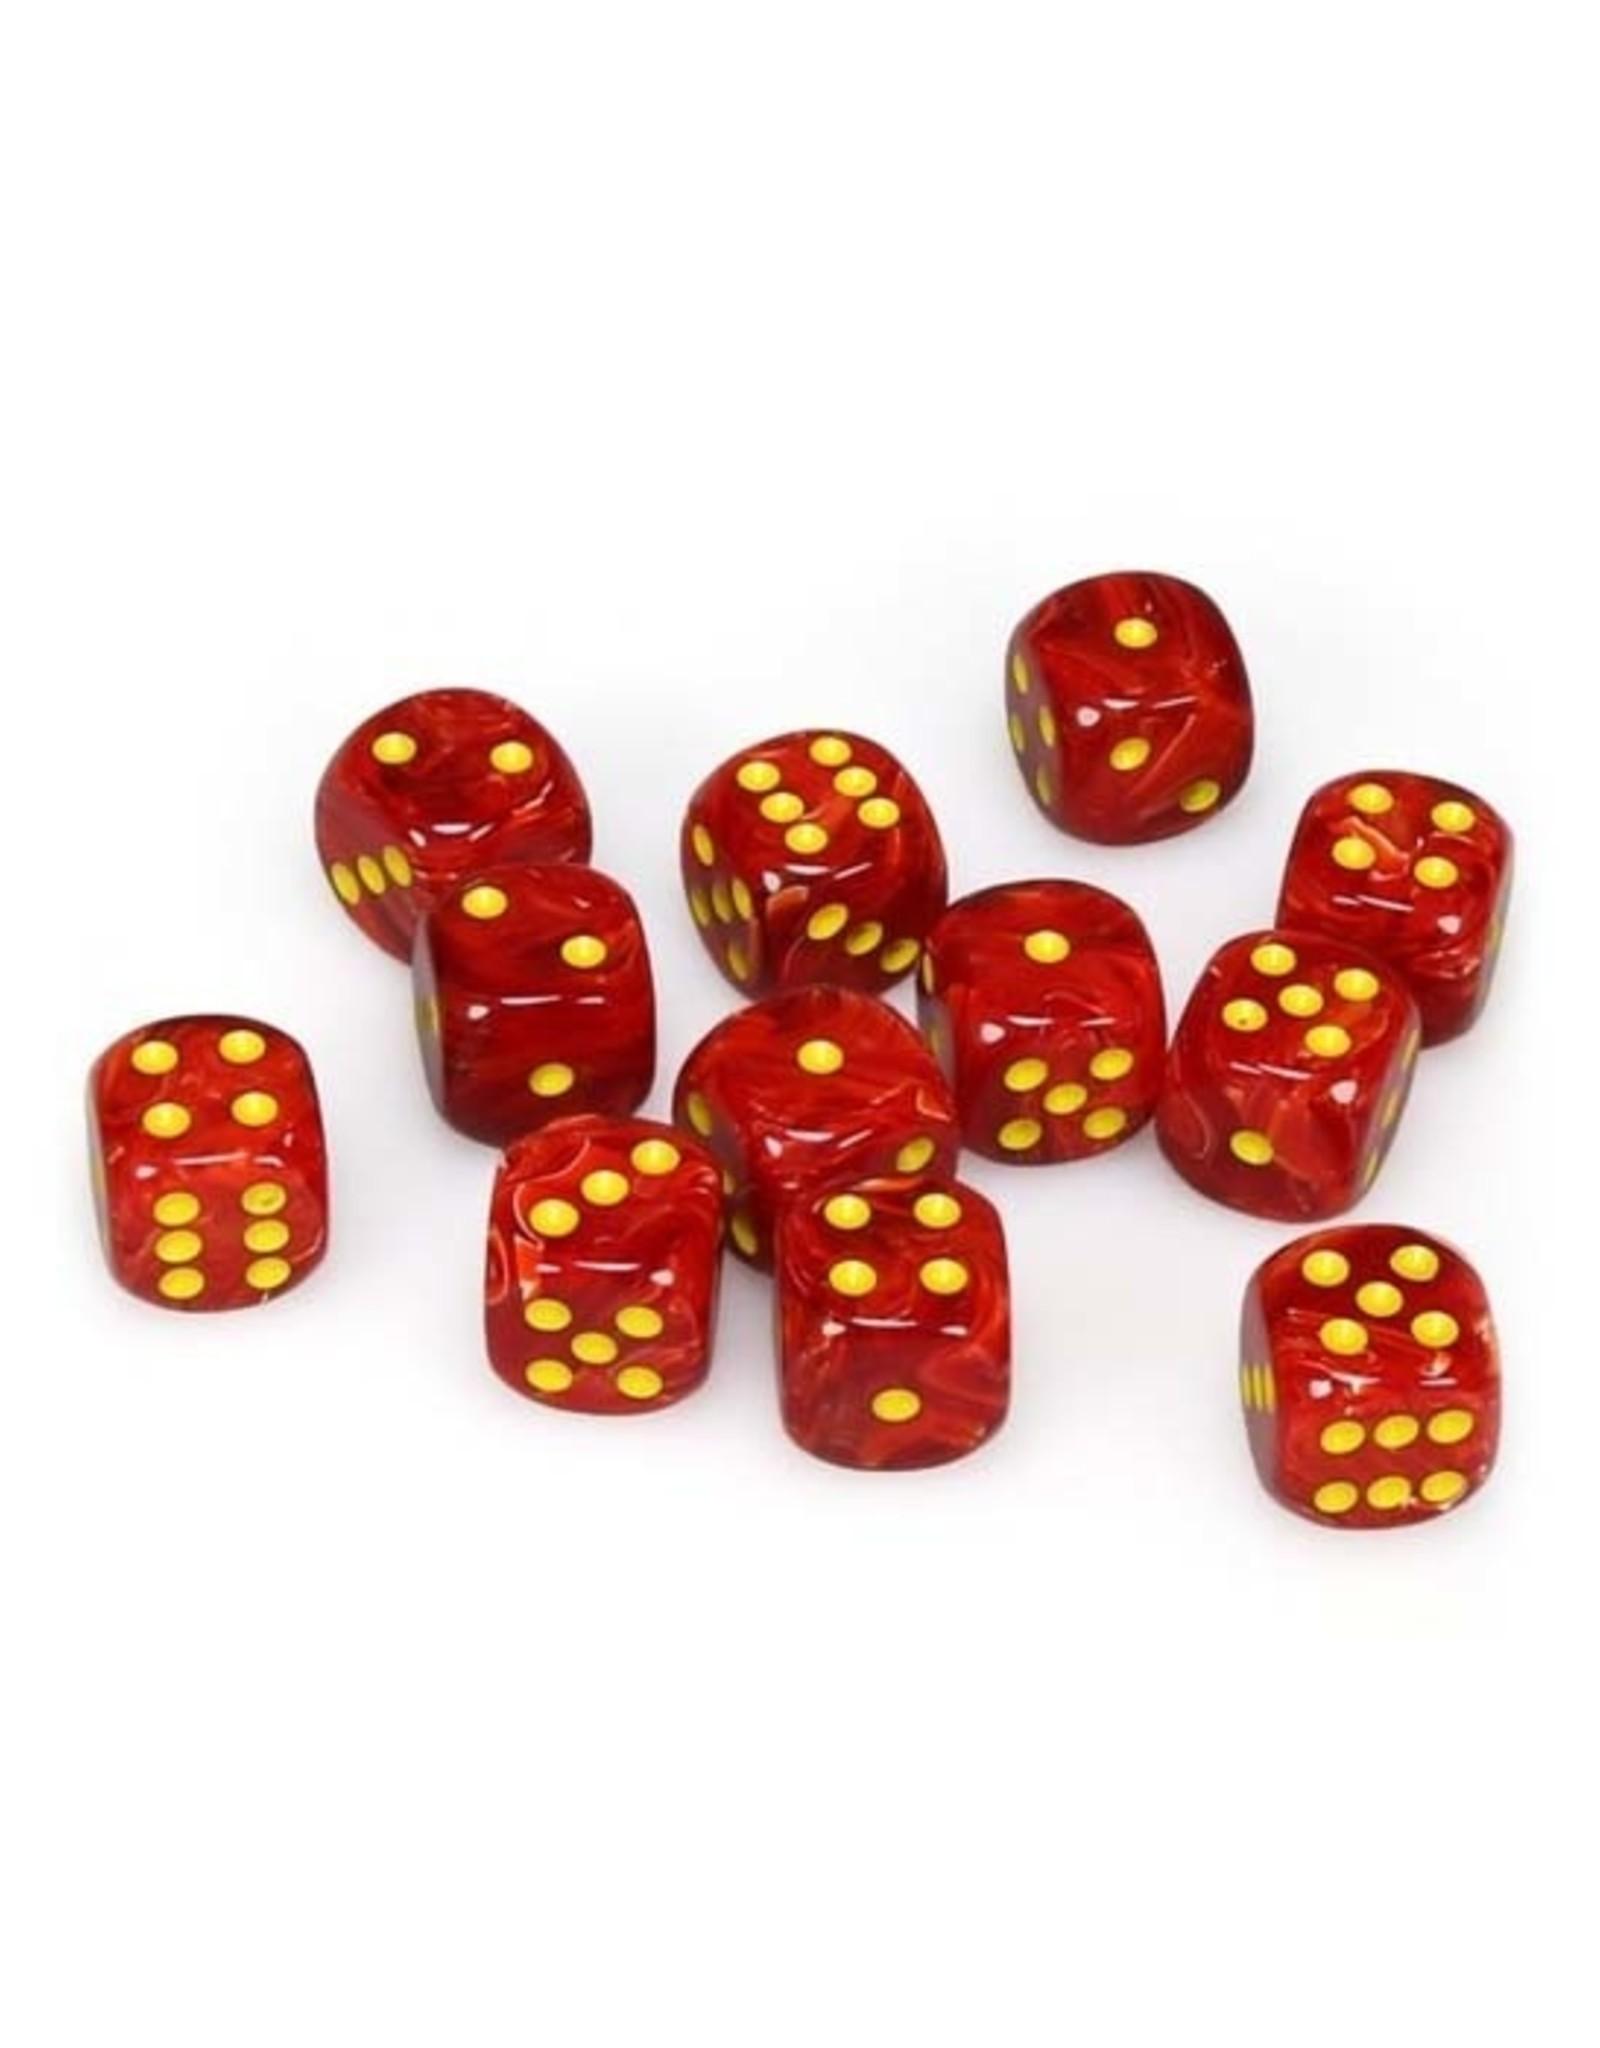 Chessex Chessex: 16mm D6 - Vortex - Red w/ Yellow